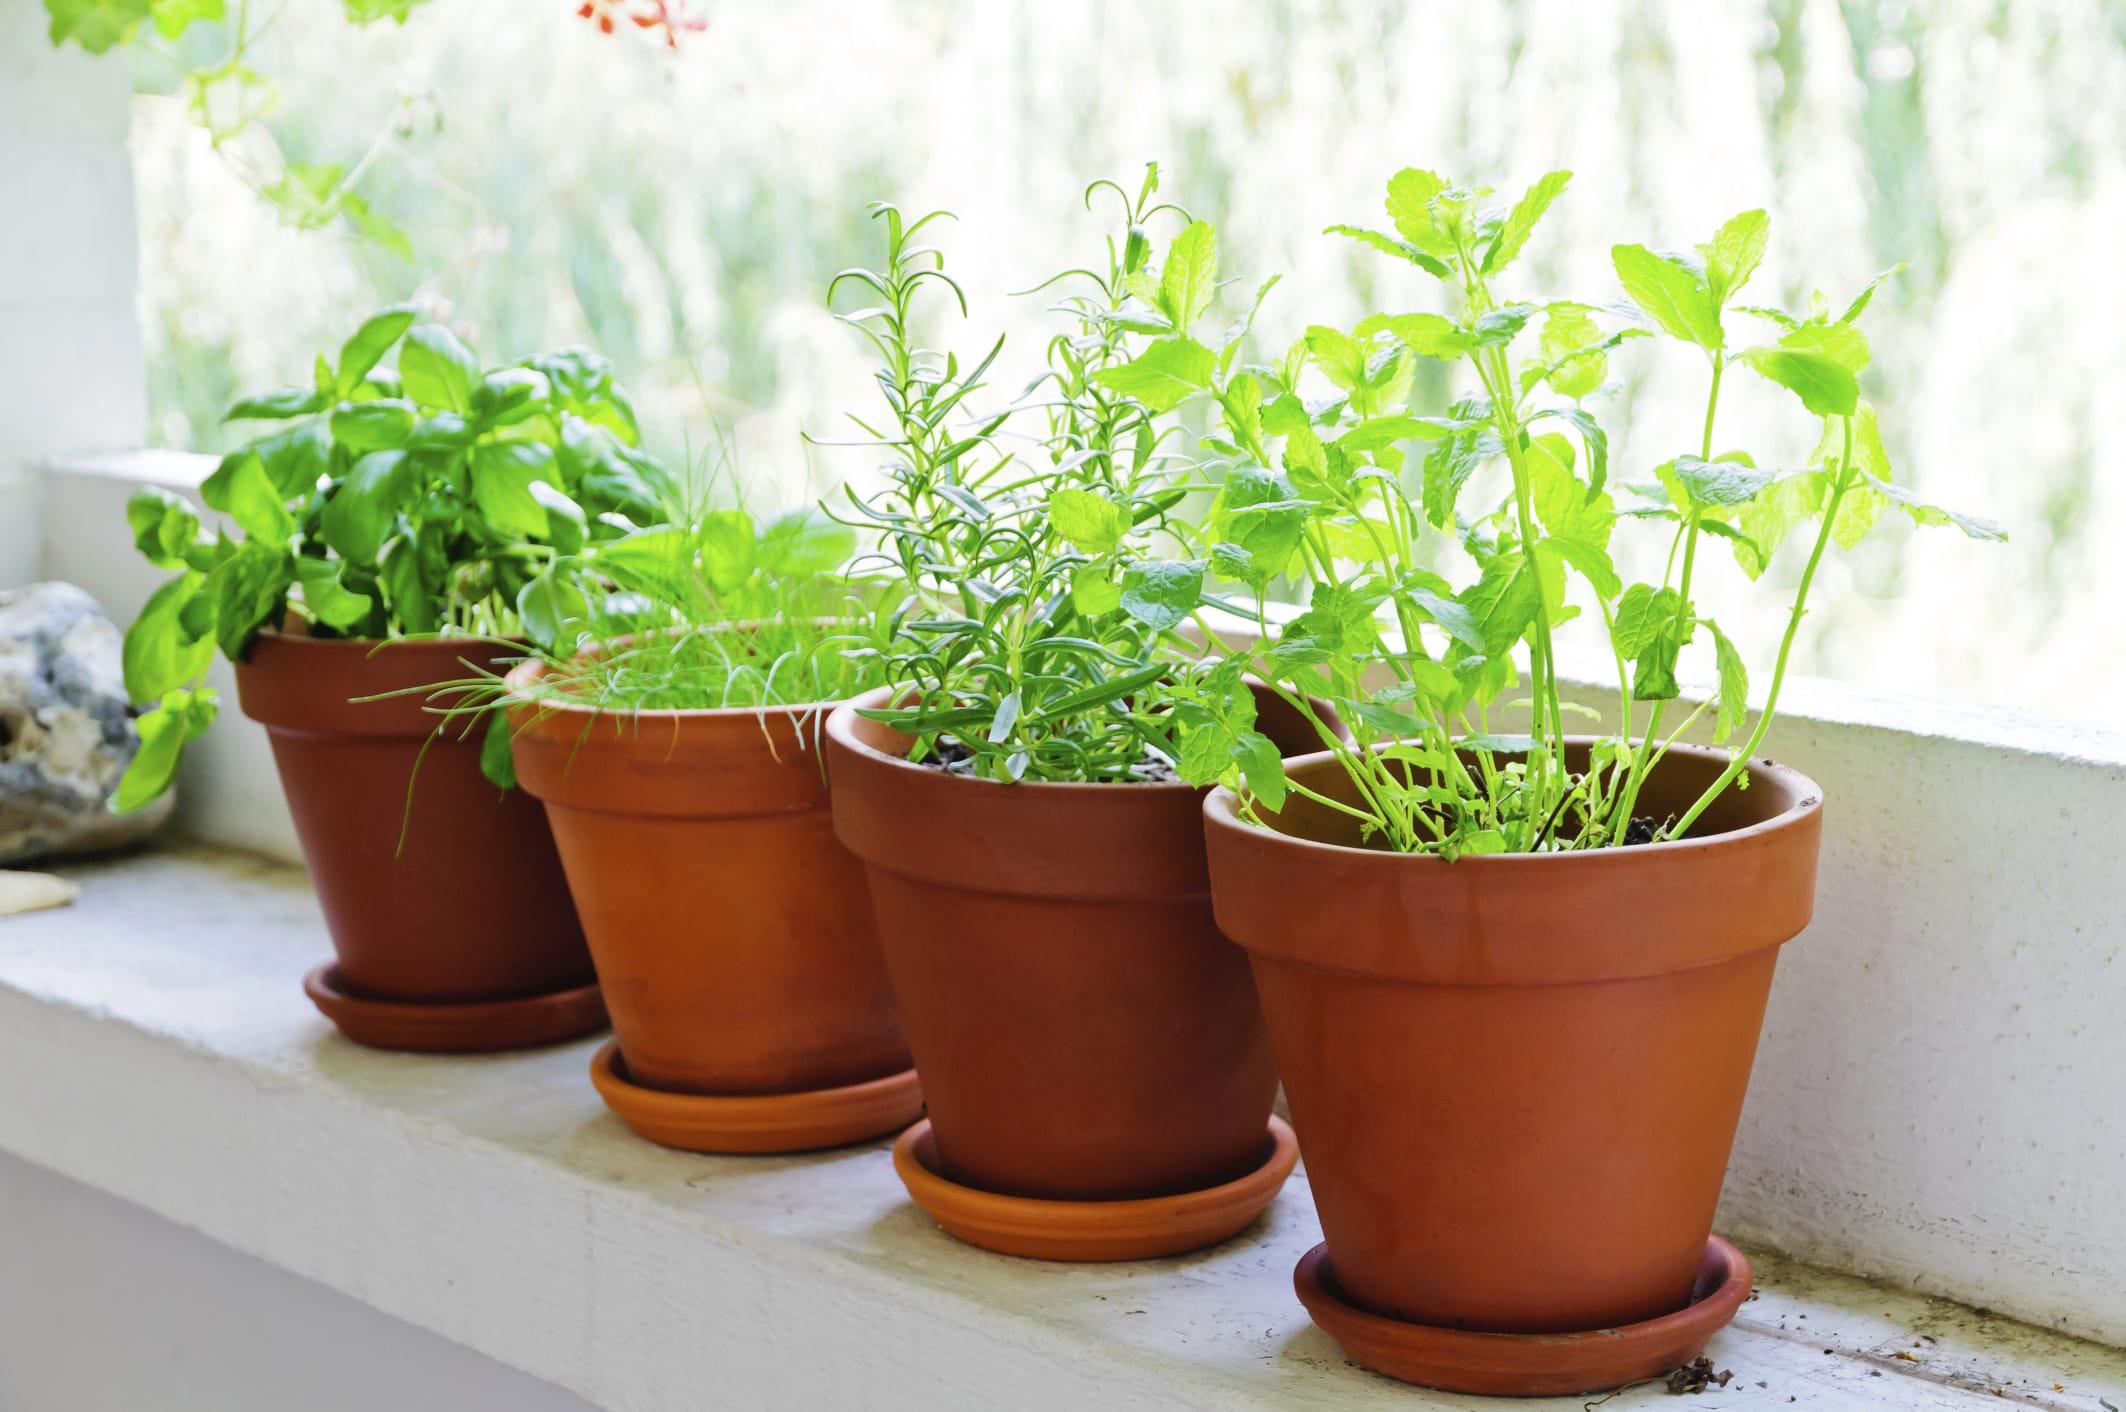 Coltivare In Casa Piante Aromatiche piante aromatiche da coltivare in casa - non sprecare